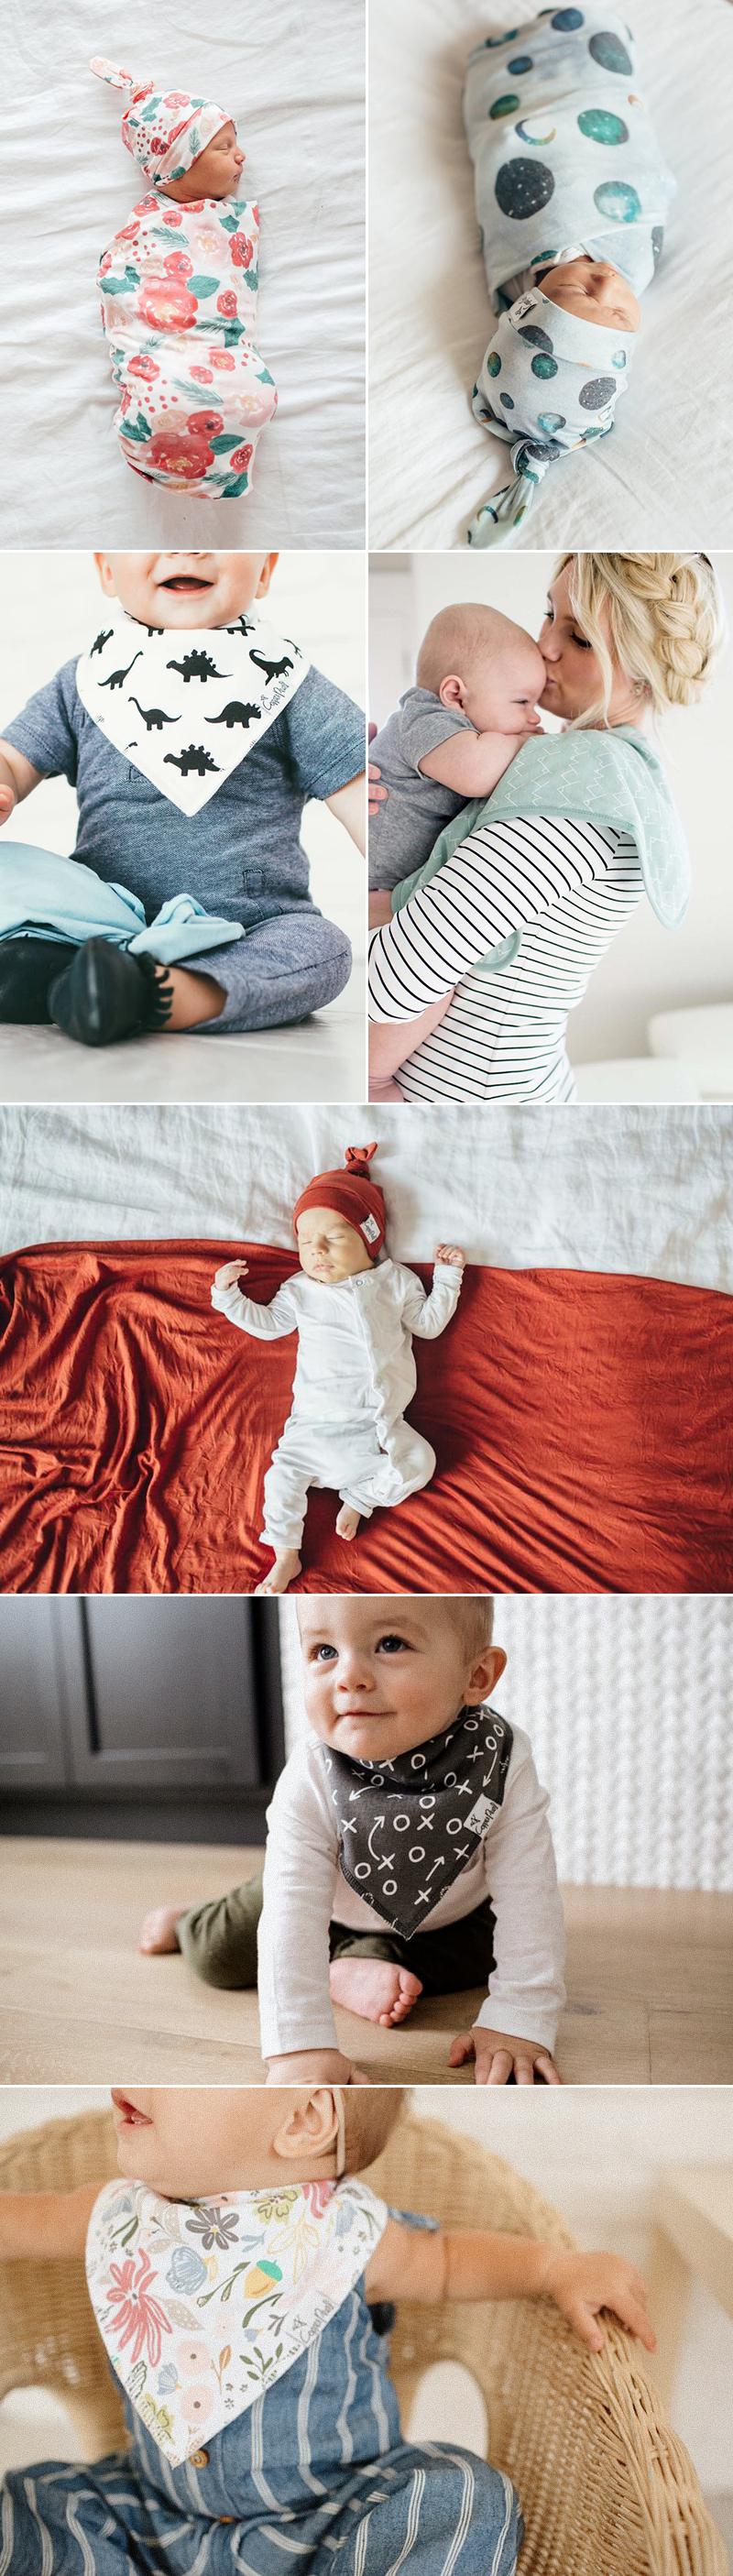 baby bandana